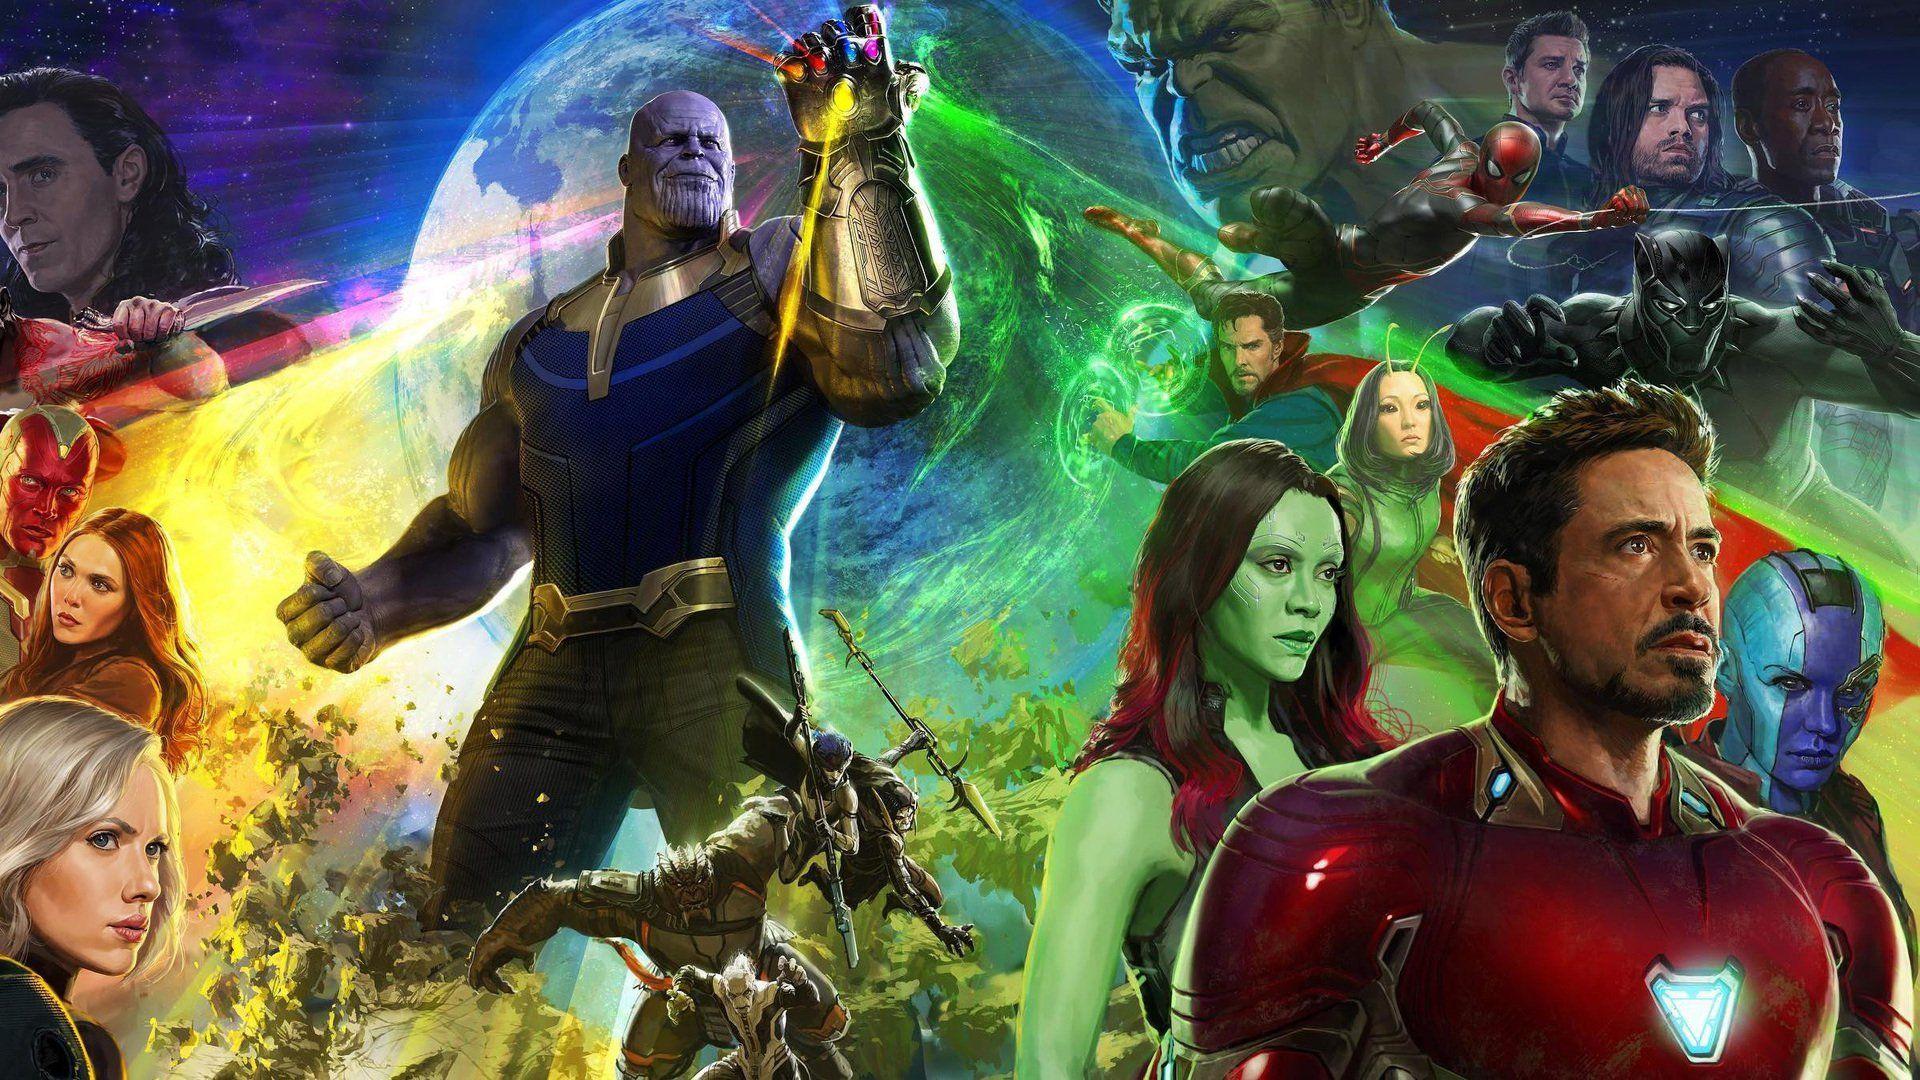 Pin On Vengadores Infinity War Película Streaming En Español